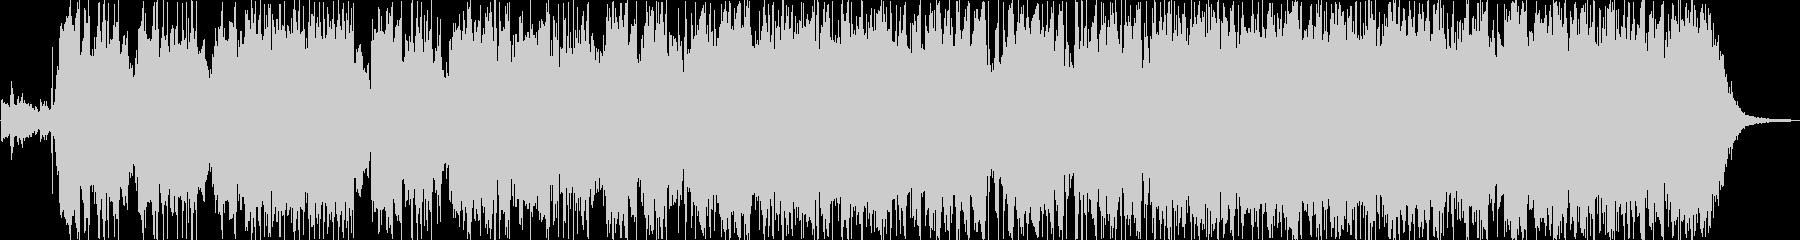 メロディックなギターロックインストの未再生の波形